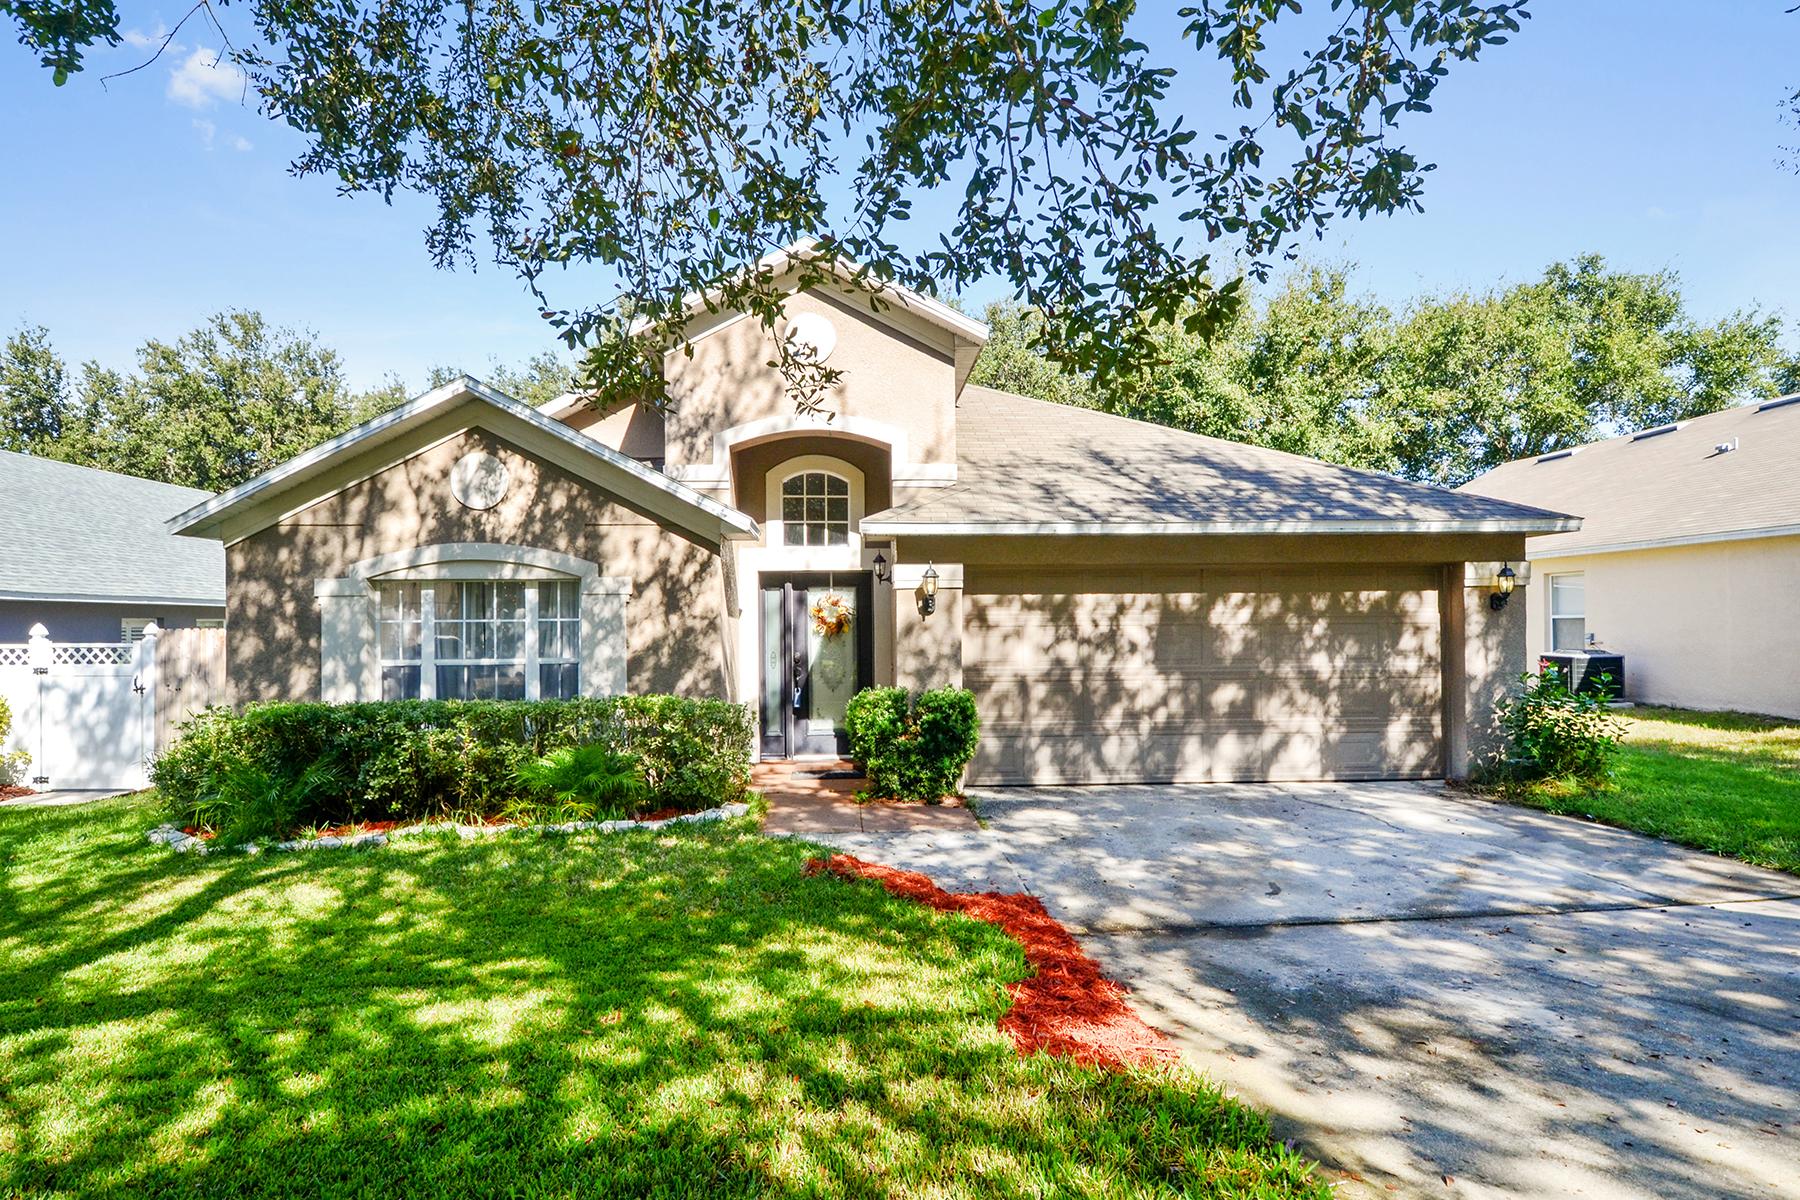 Maison unifamiliale pour l Vente à 577 Lisa Karen Cir , Apopka, FL 32712 577 Lisa Karen Cir Apopka, Floride 32712 États-Unis